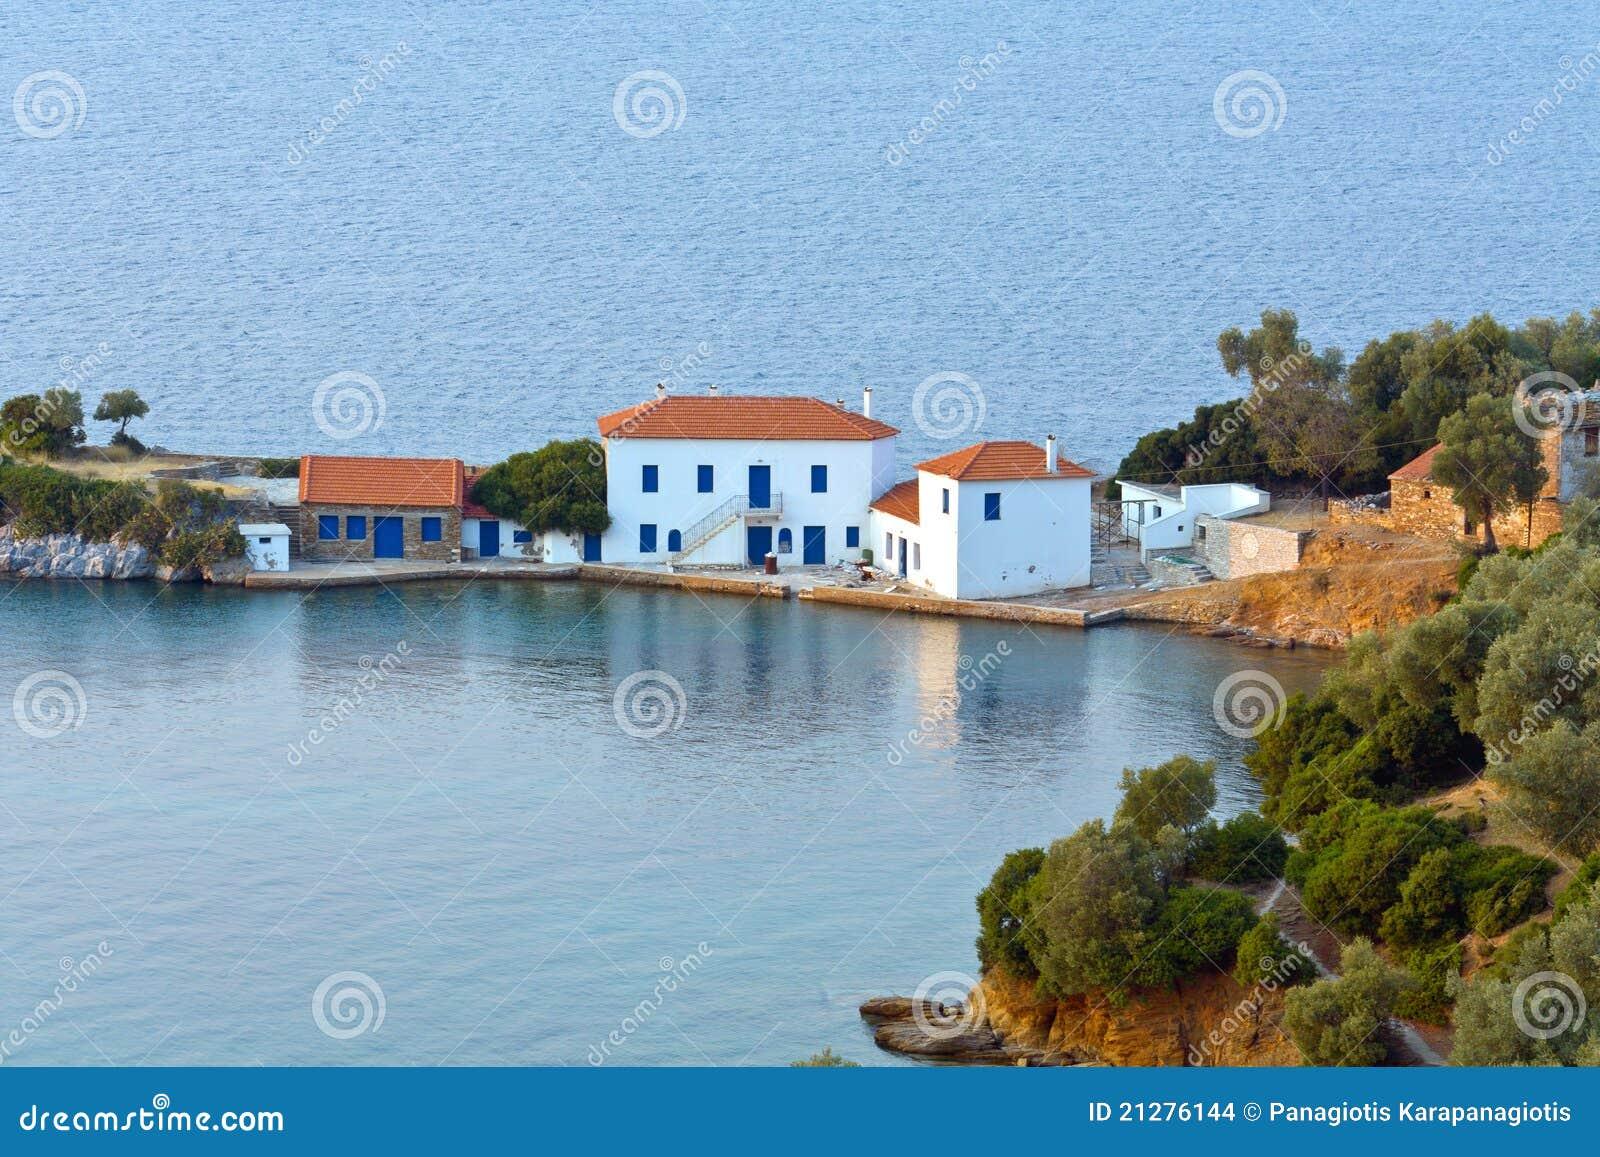 Zasteni bay at Pelion in Greece